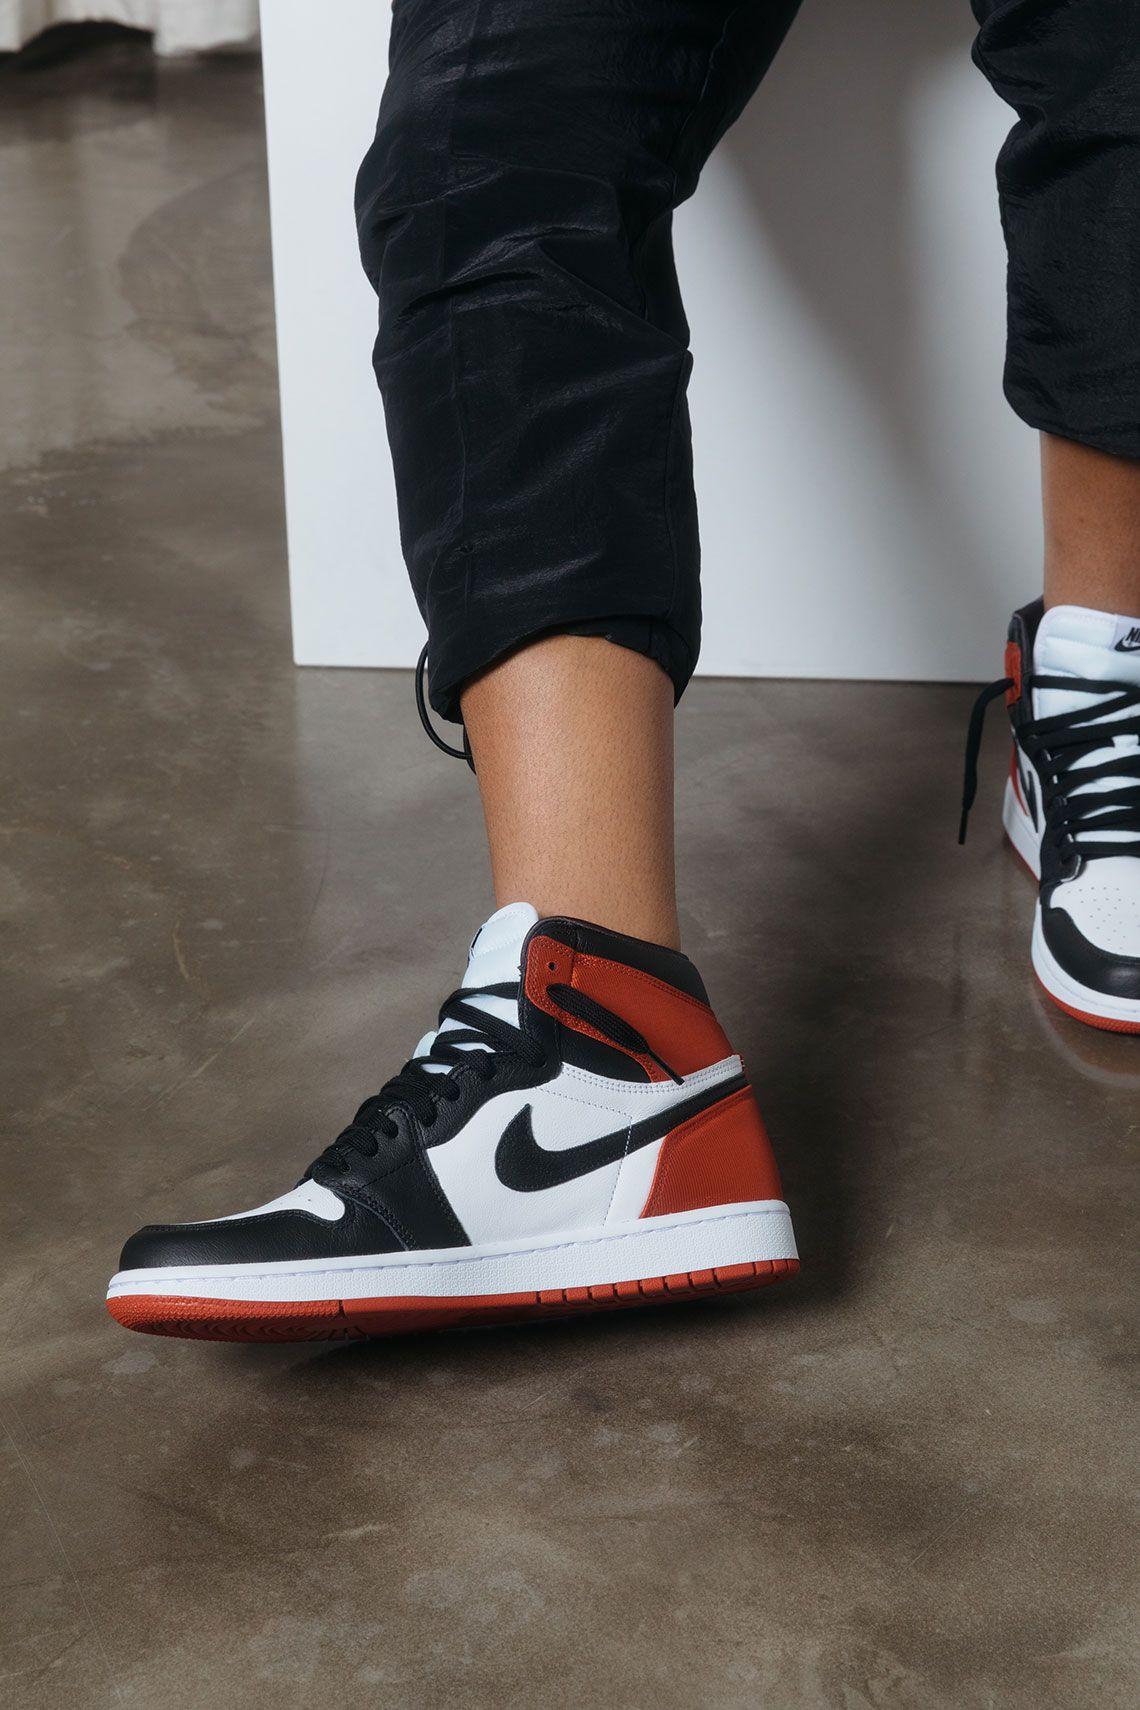 Jordan Brand Shares A Closer Look At The Air Jordan 1 Satin ...